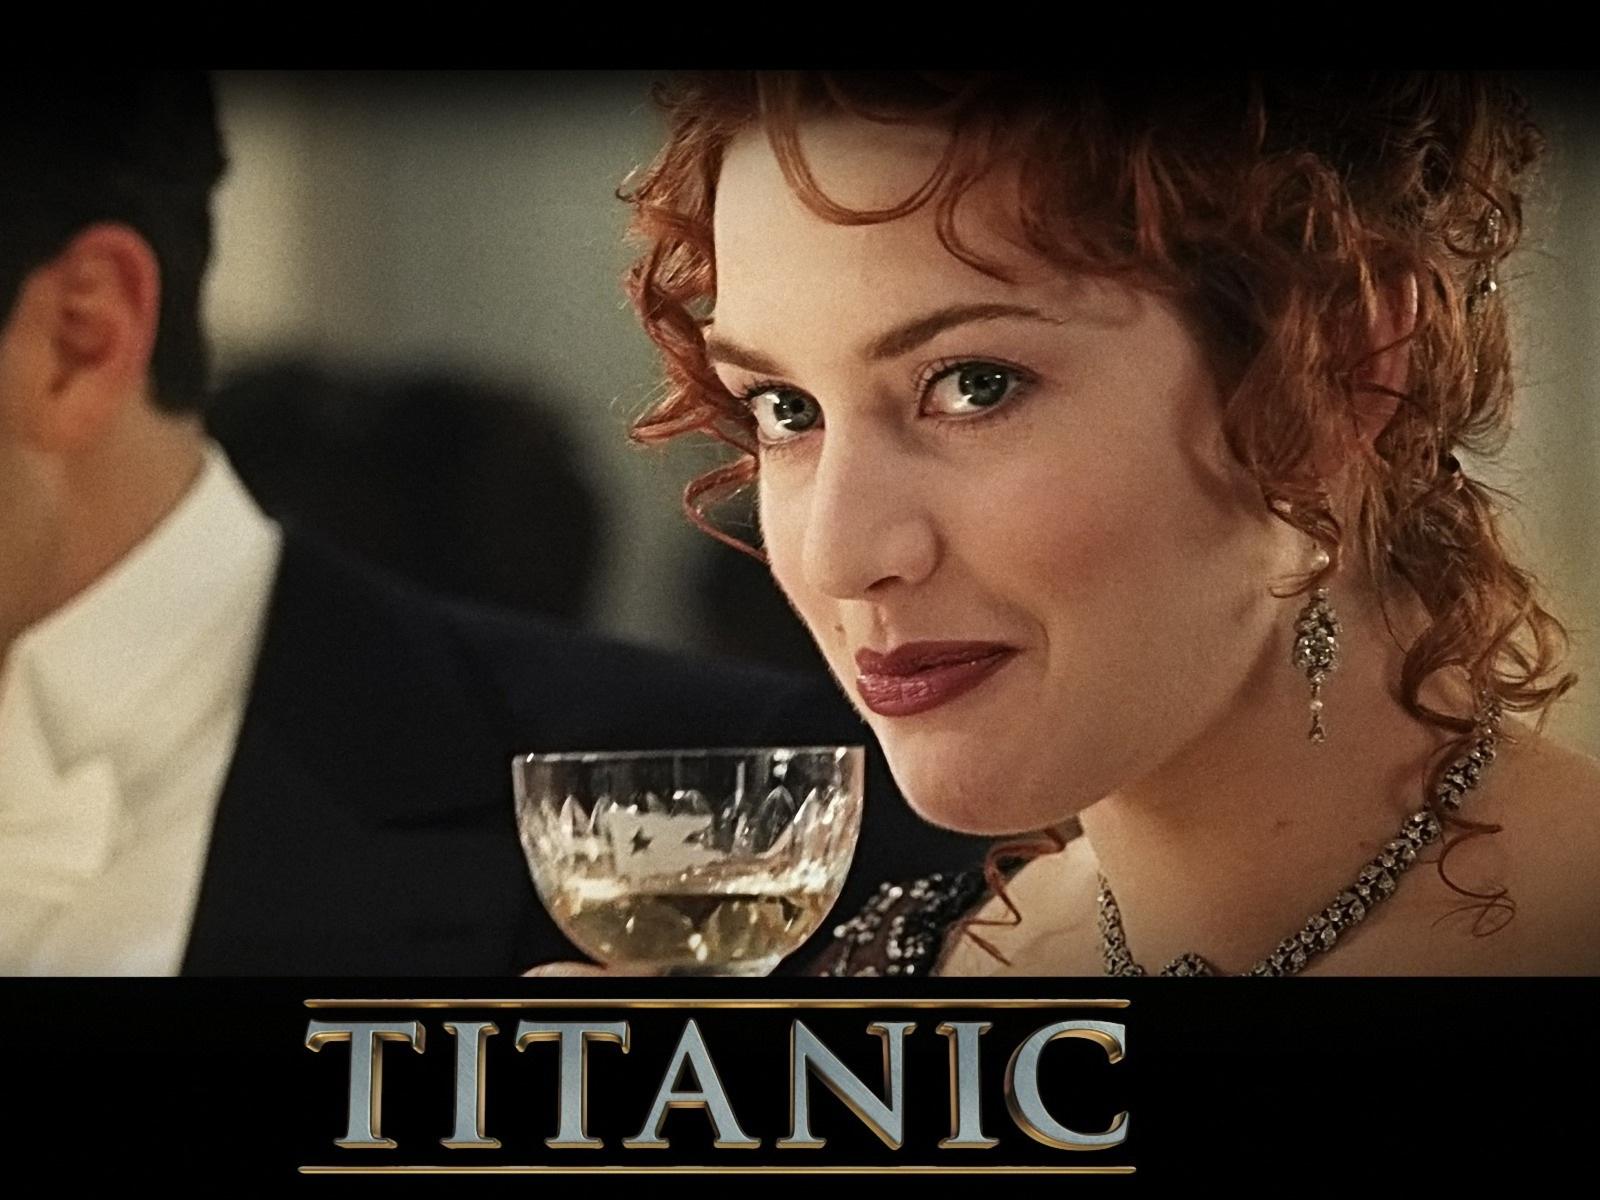 http://3.bp.blogspot.com/-giZJm1AoH60/T4qgKJuncLI/AAAAAAAAAf4/0cIzppzew78/s1600/titanic-3d-wallpaper_184247-1600x1200.jpg